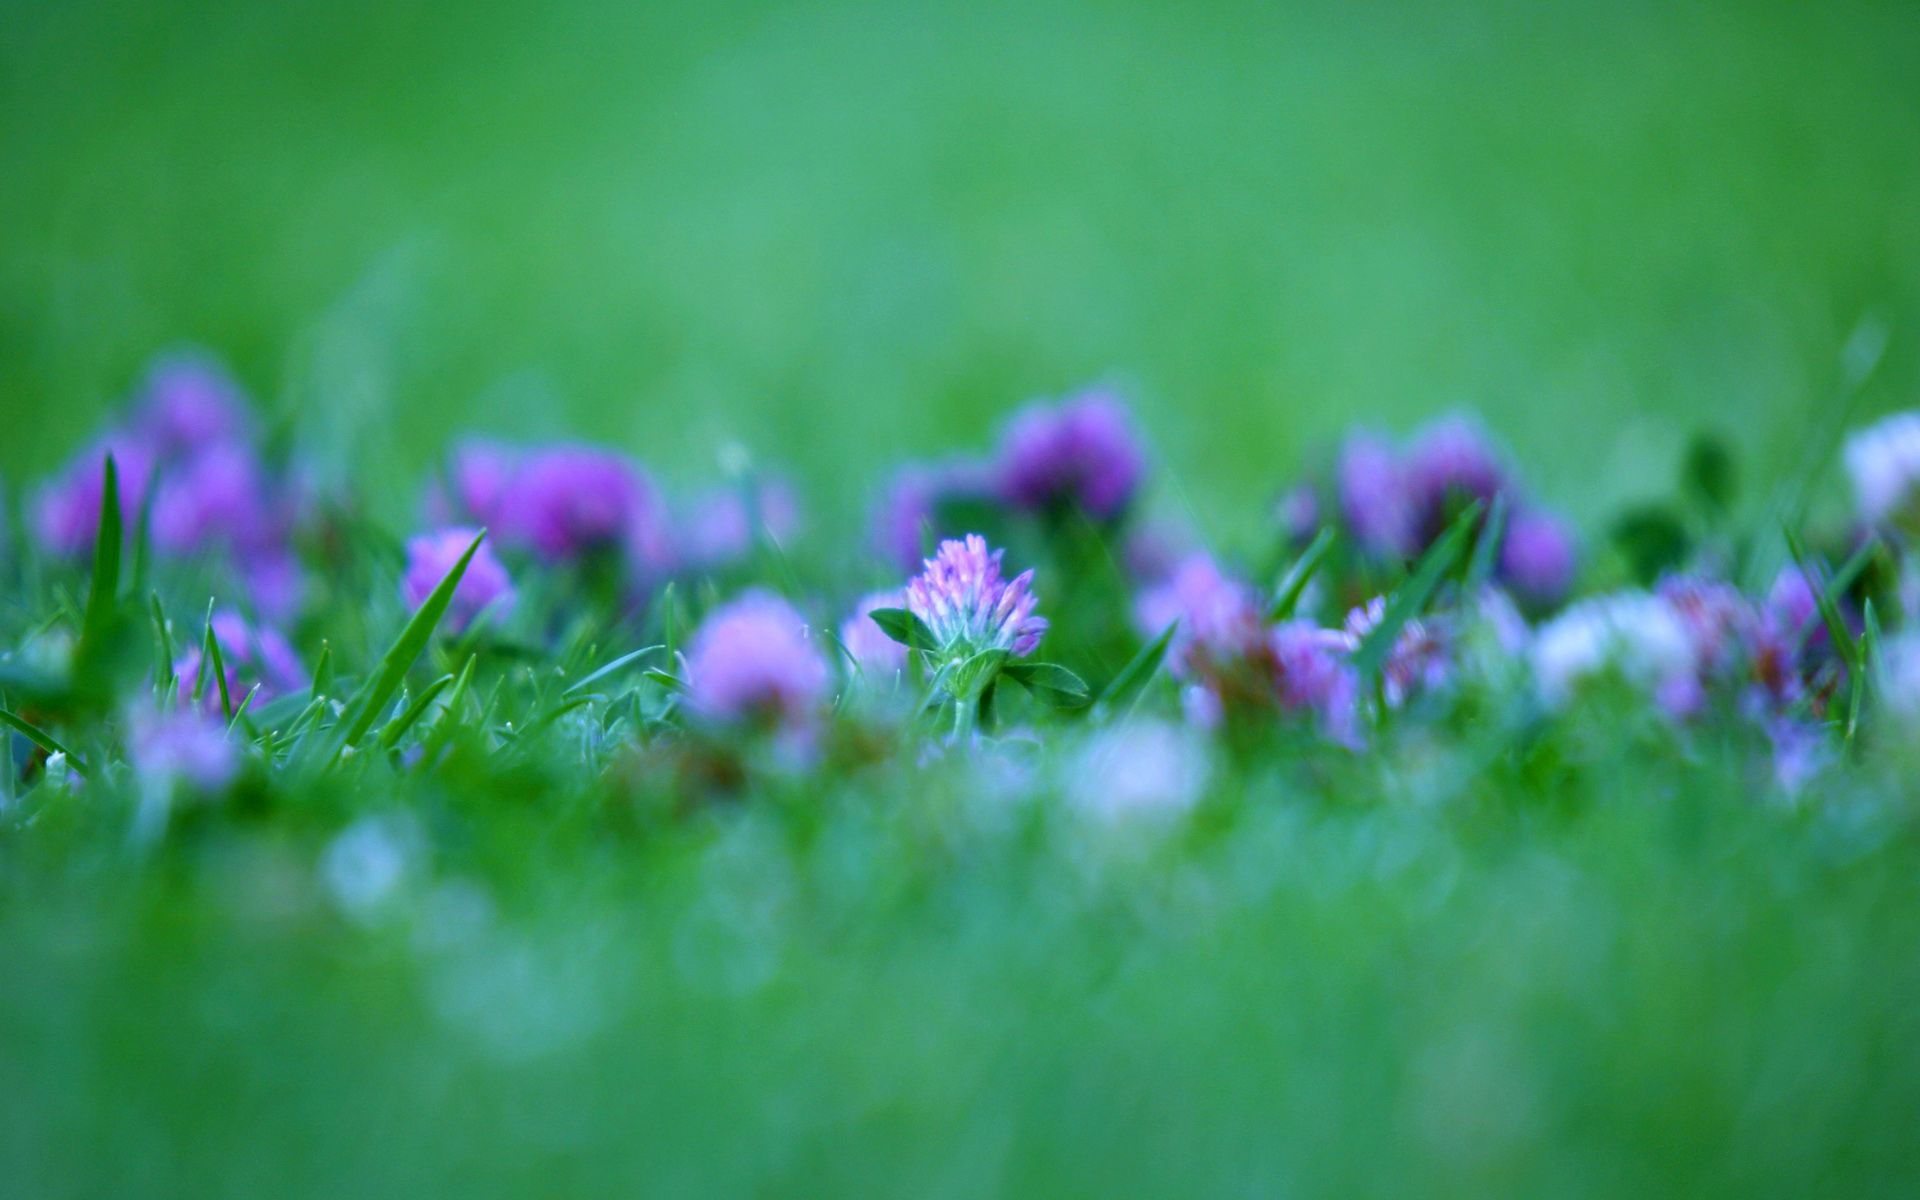 Wallpaper Flower Violet Rose Buds Flowers Reses Nature Desktop Hd